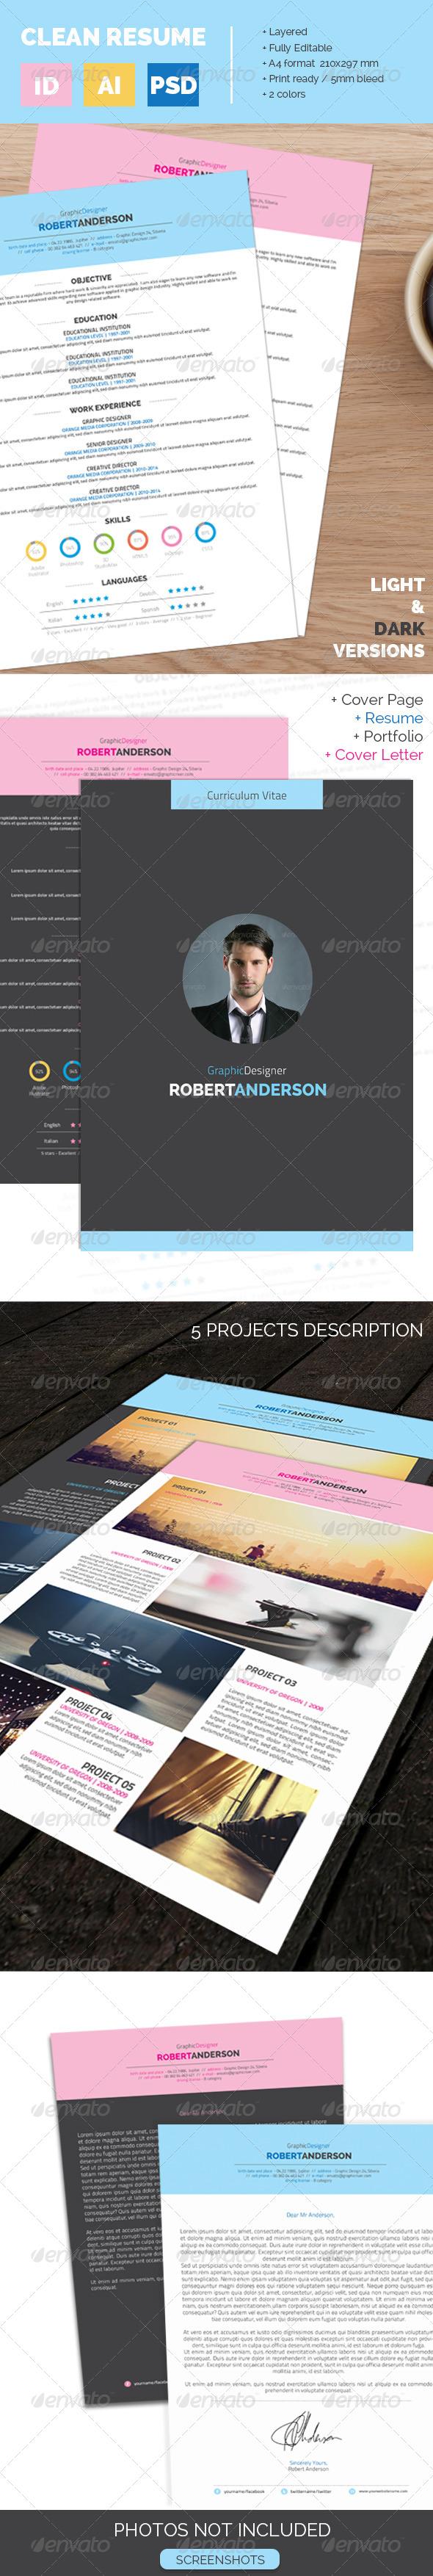 GraphicRiver Resume CV 6897816